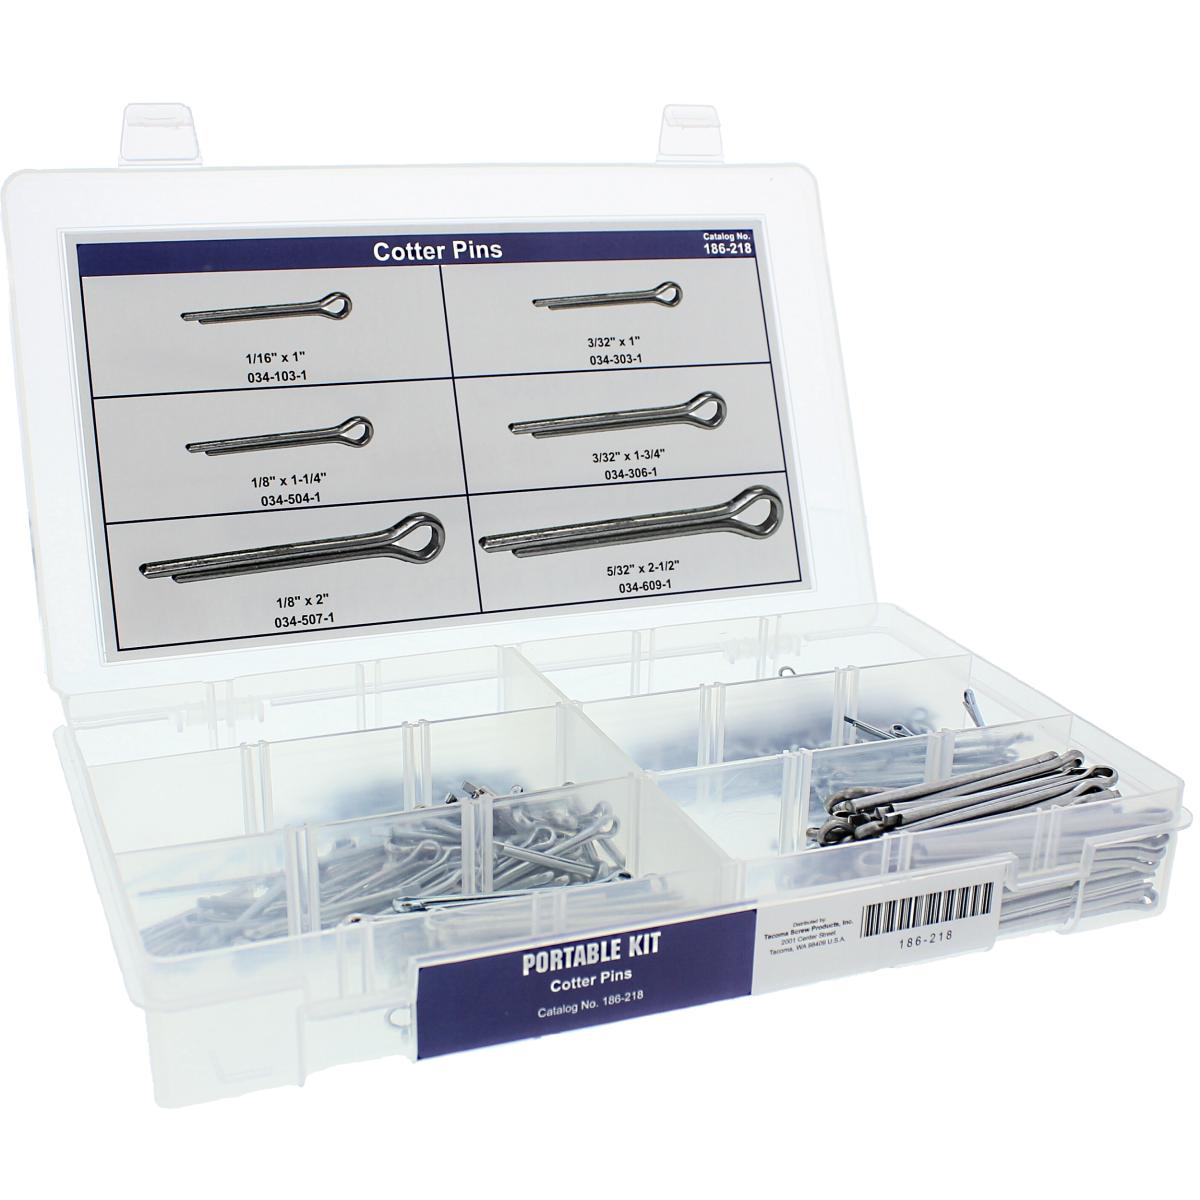 Cotter Pin Portable Kit Assortment